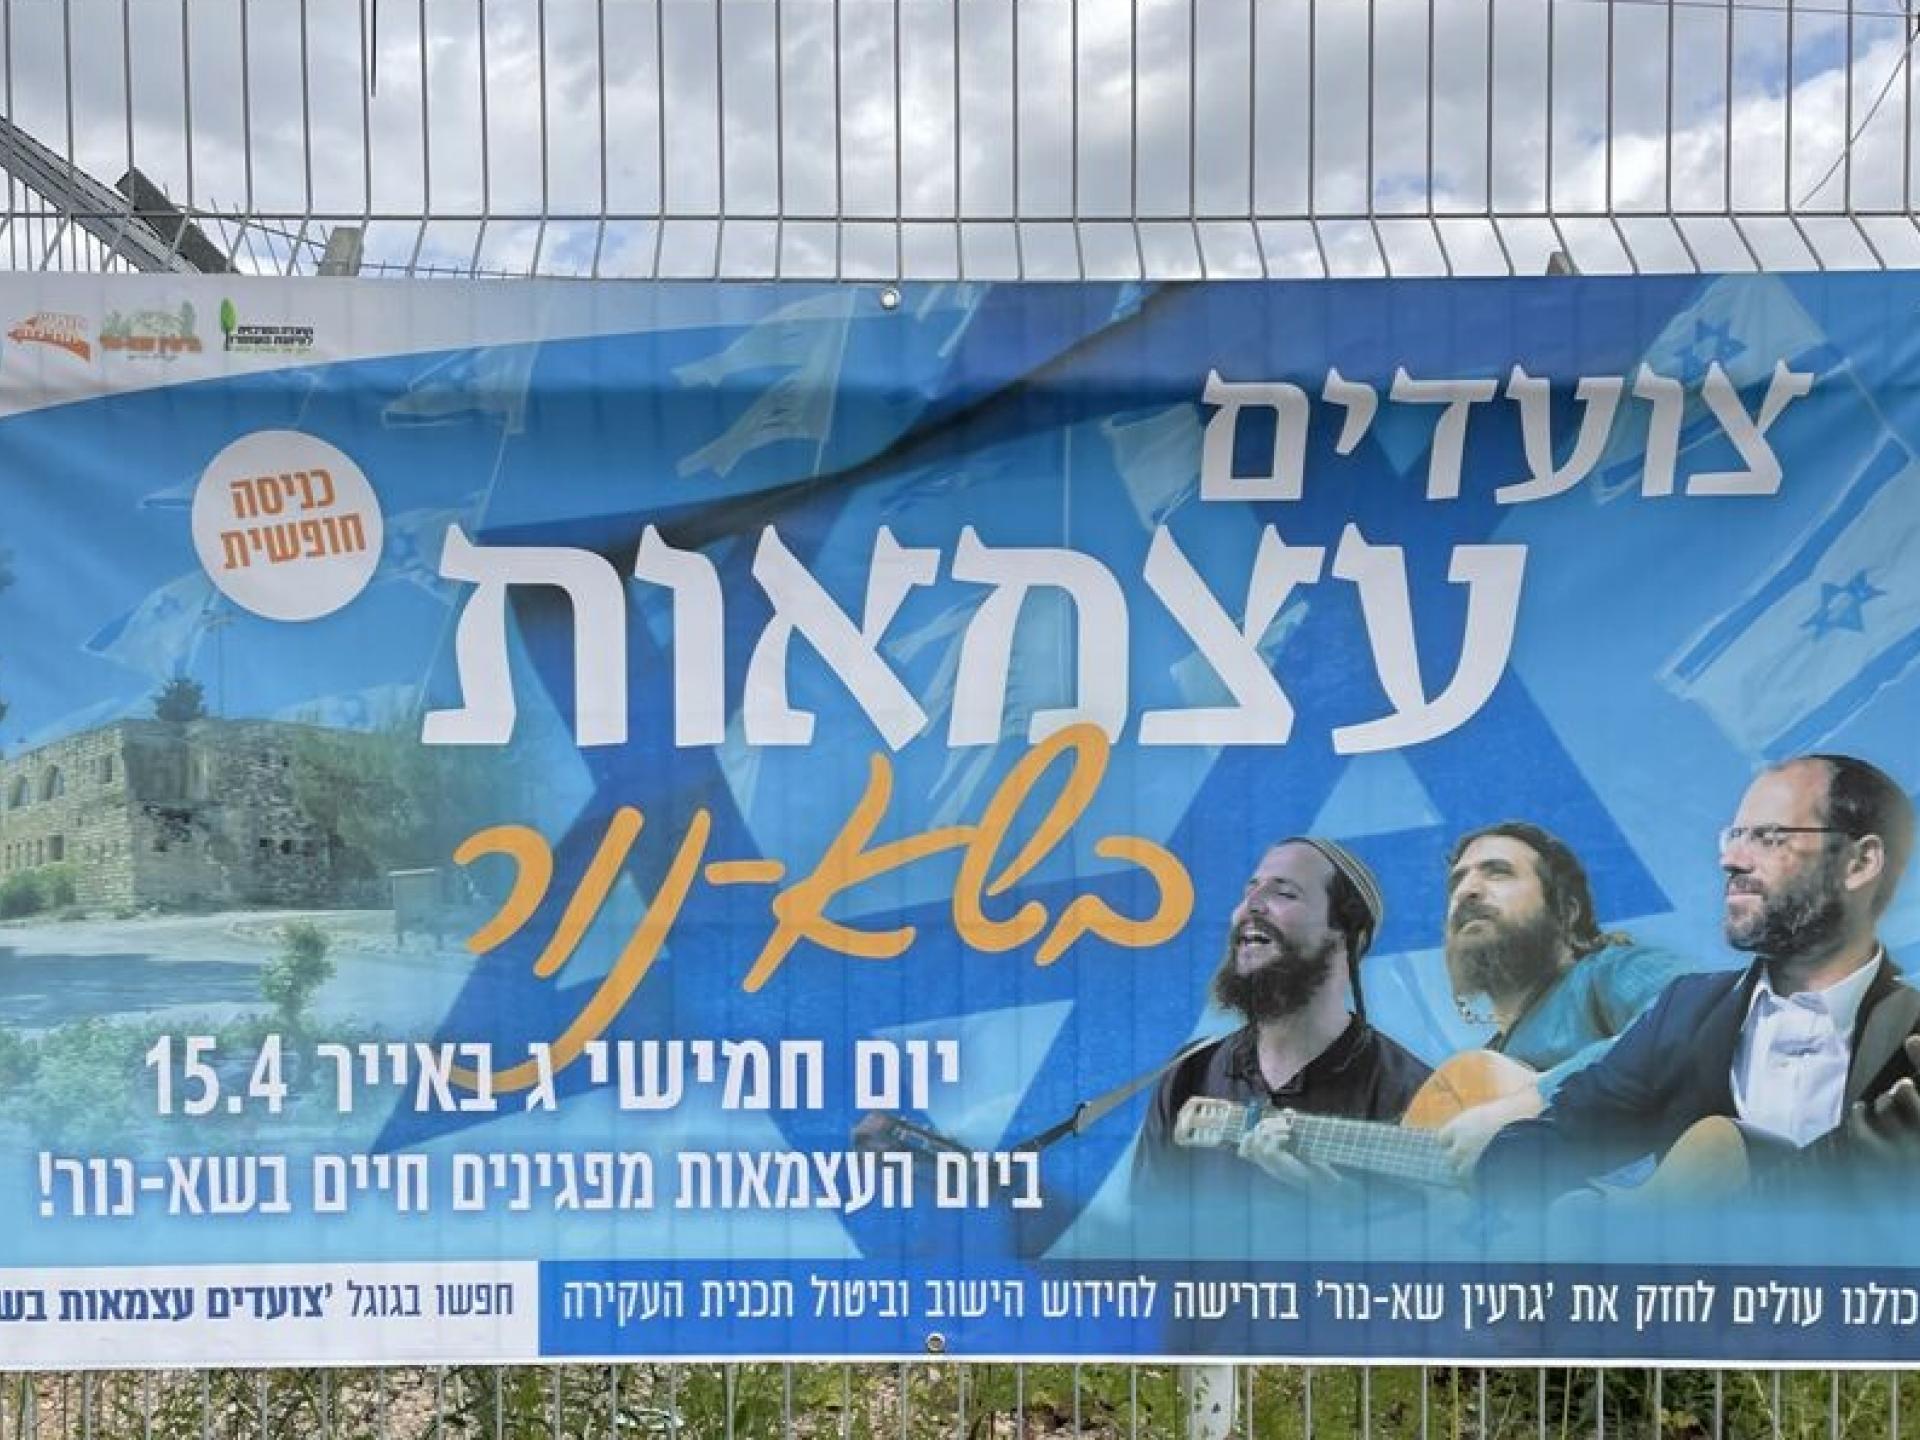 שלט גדול ועליו כתוב צועדים עצמאות